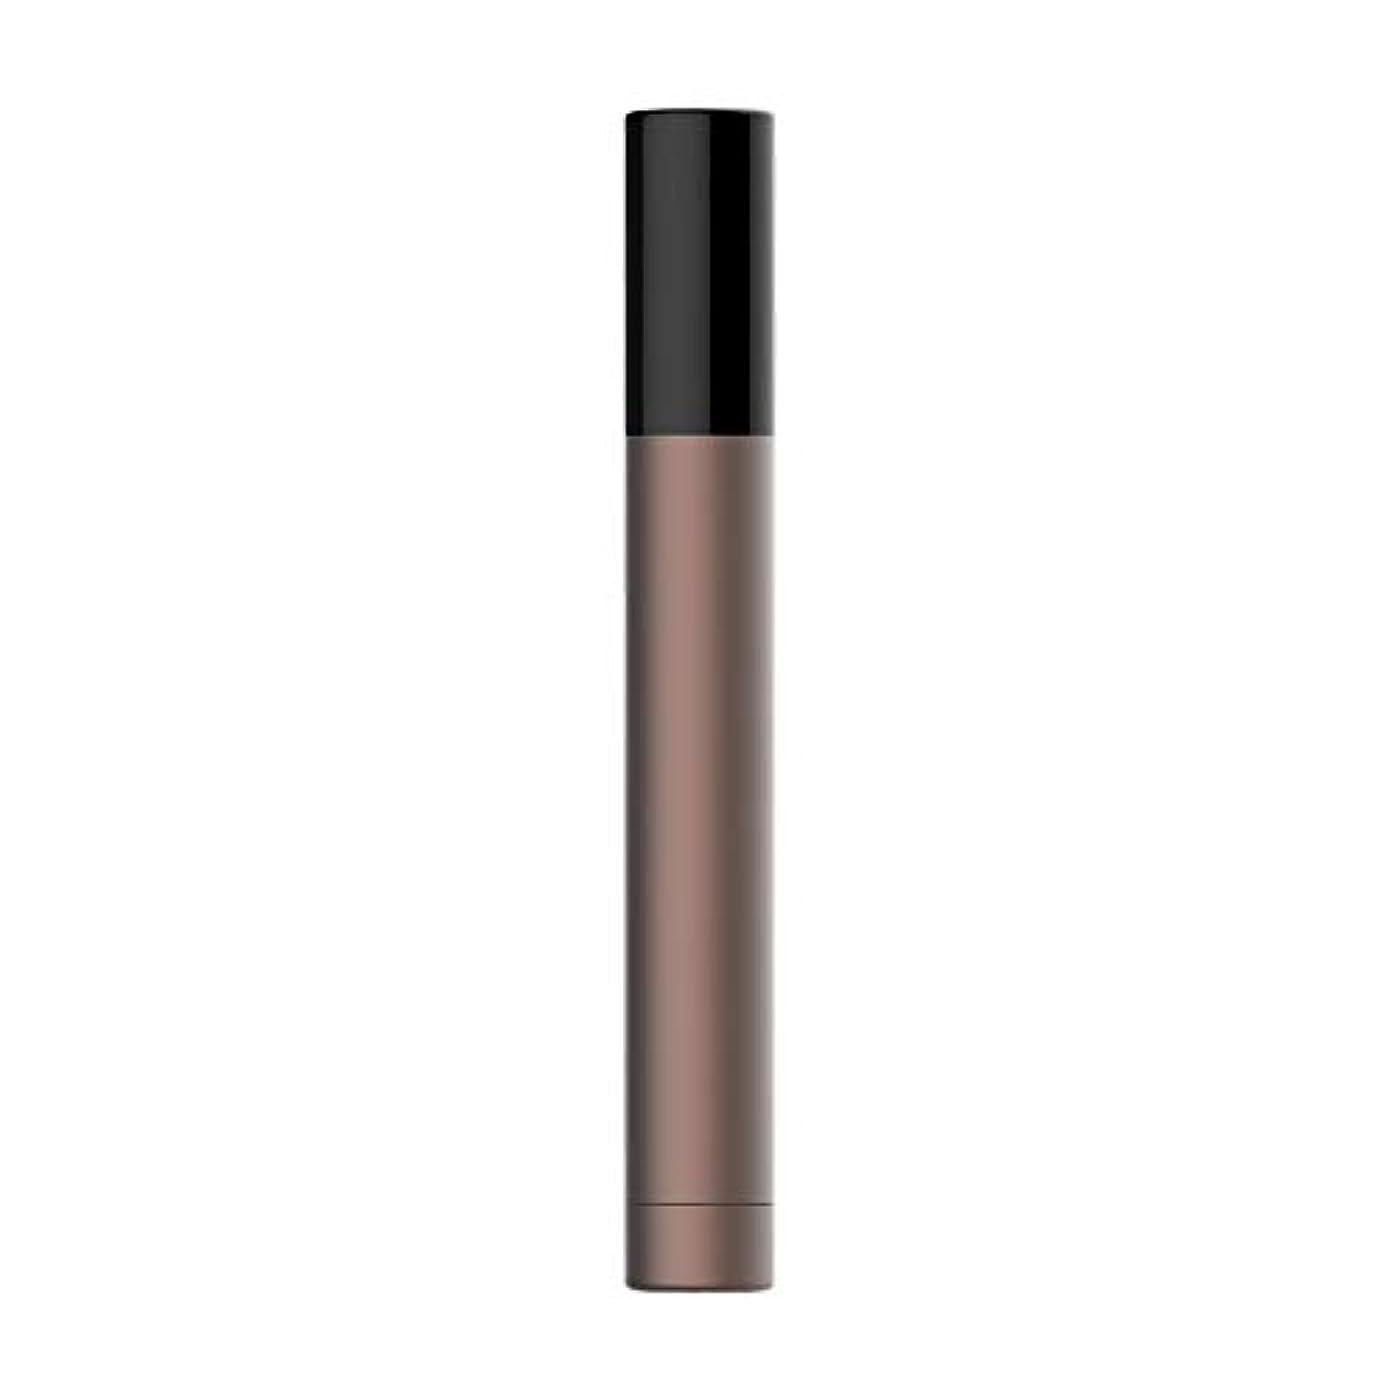 バルクテンション襟鼻毛トリマー-密閉防水効果/シングルカッターヘッドシャープで耐久性のある/男性用剃毛鼻毛はさみ/ポータブルデザイン、旅行に便利/ 12.9 * 1.65cm ユニークで斬新